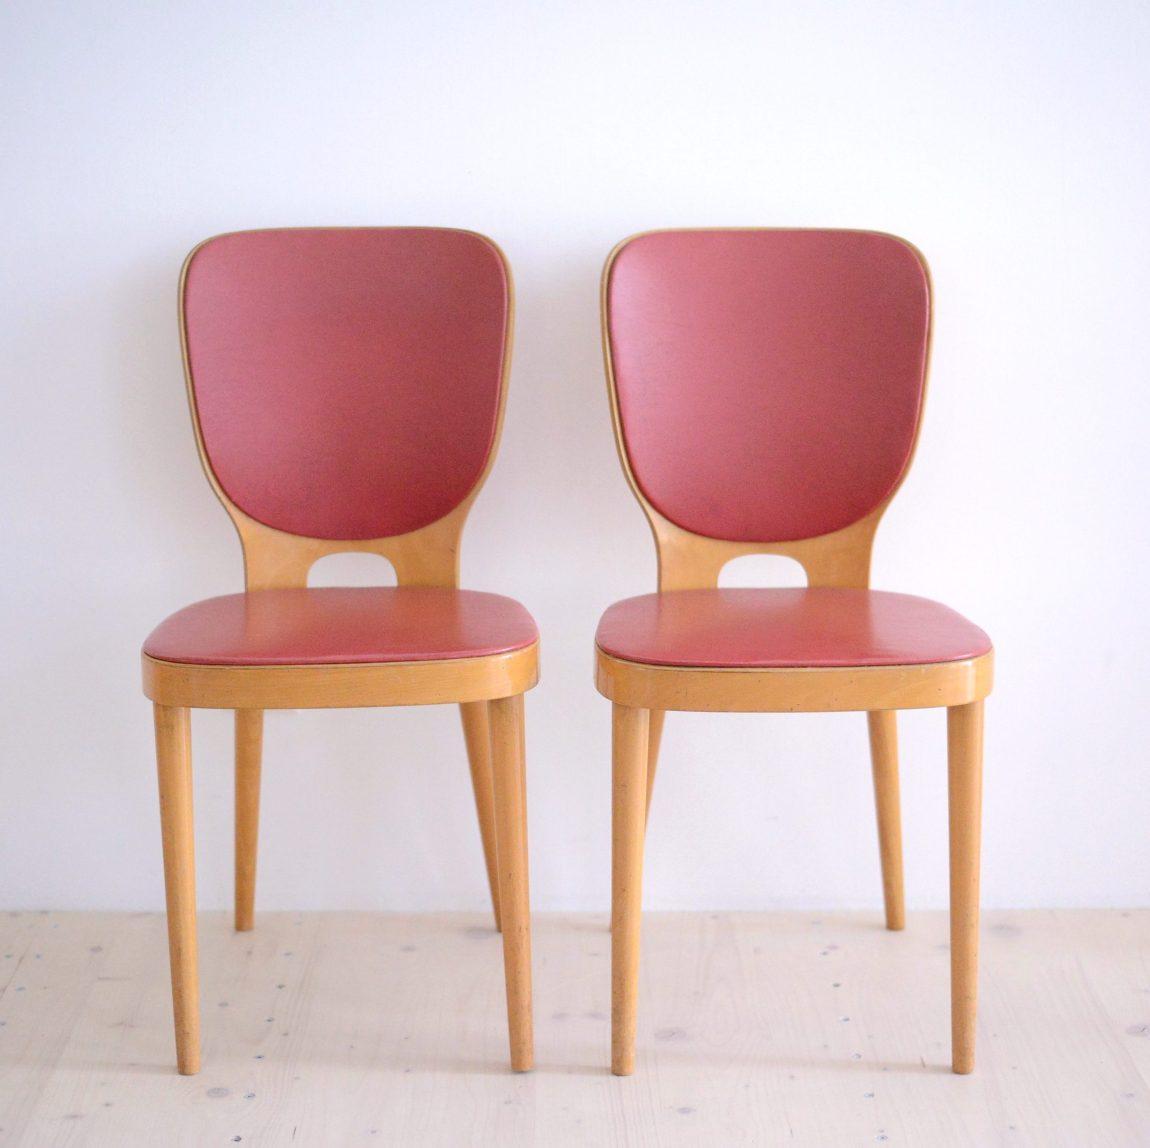 Max Bill Horgenglarus Chair Pair heyday möbel moebel Zürich Zurich Binz